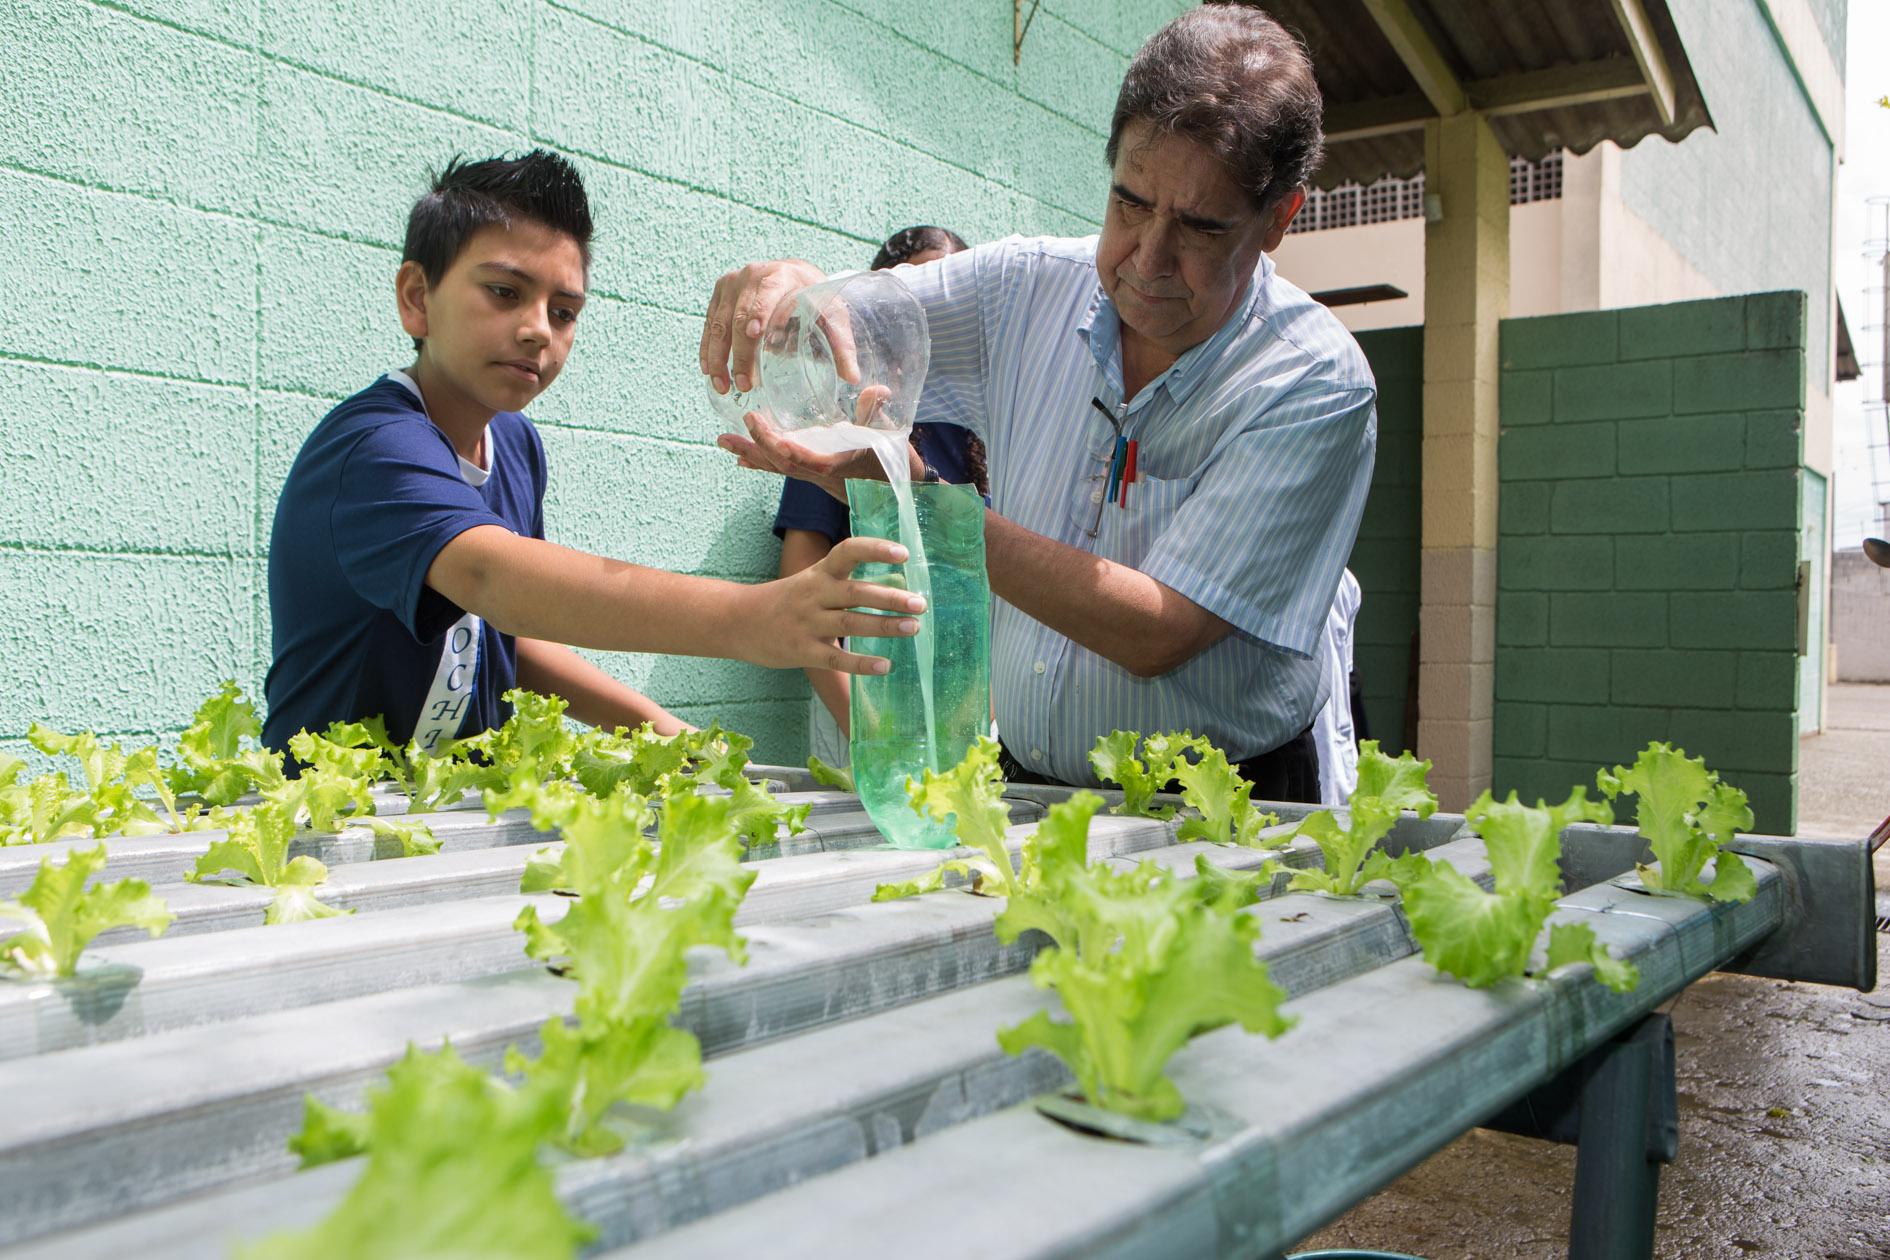 Escola pública em SP cultiva horta hidropônica e usa alimentos na merenda